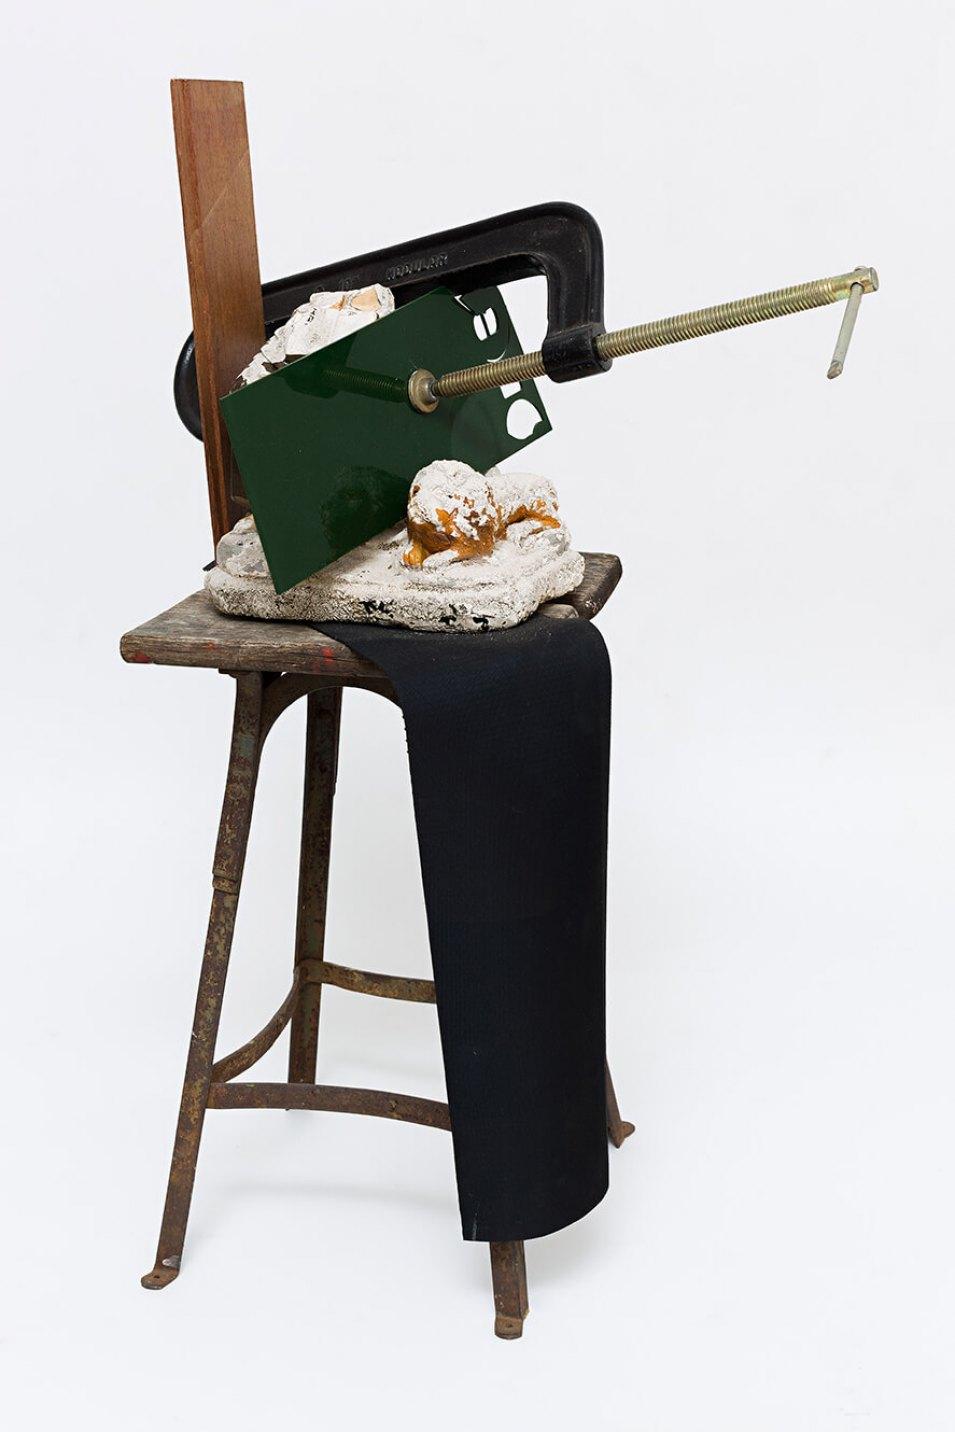 Deyson Gilbert,&nbsp;<em>untitled,</em> 2014, wood, plaster, plastic, metal and c-clamp, 37&nbsp;×&nbsp;61&nbsp;×&nbsp;32 cm - Mendes Wood DM